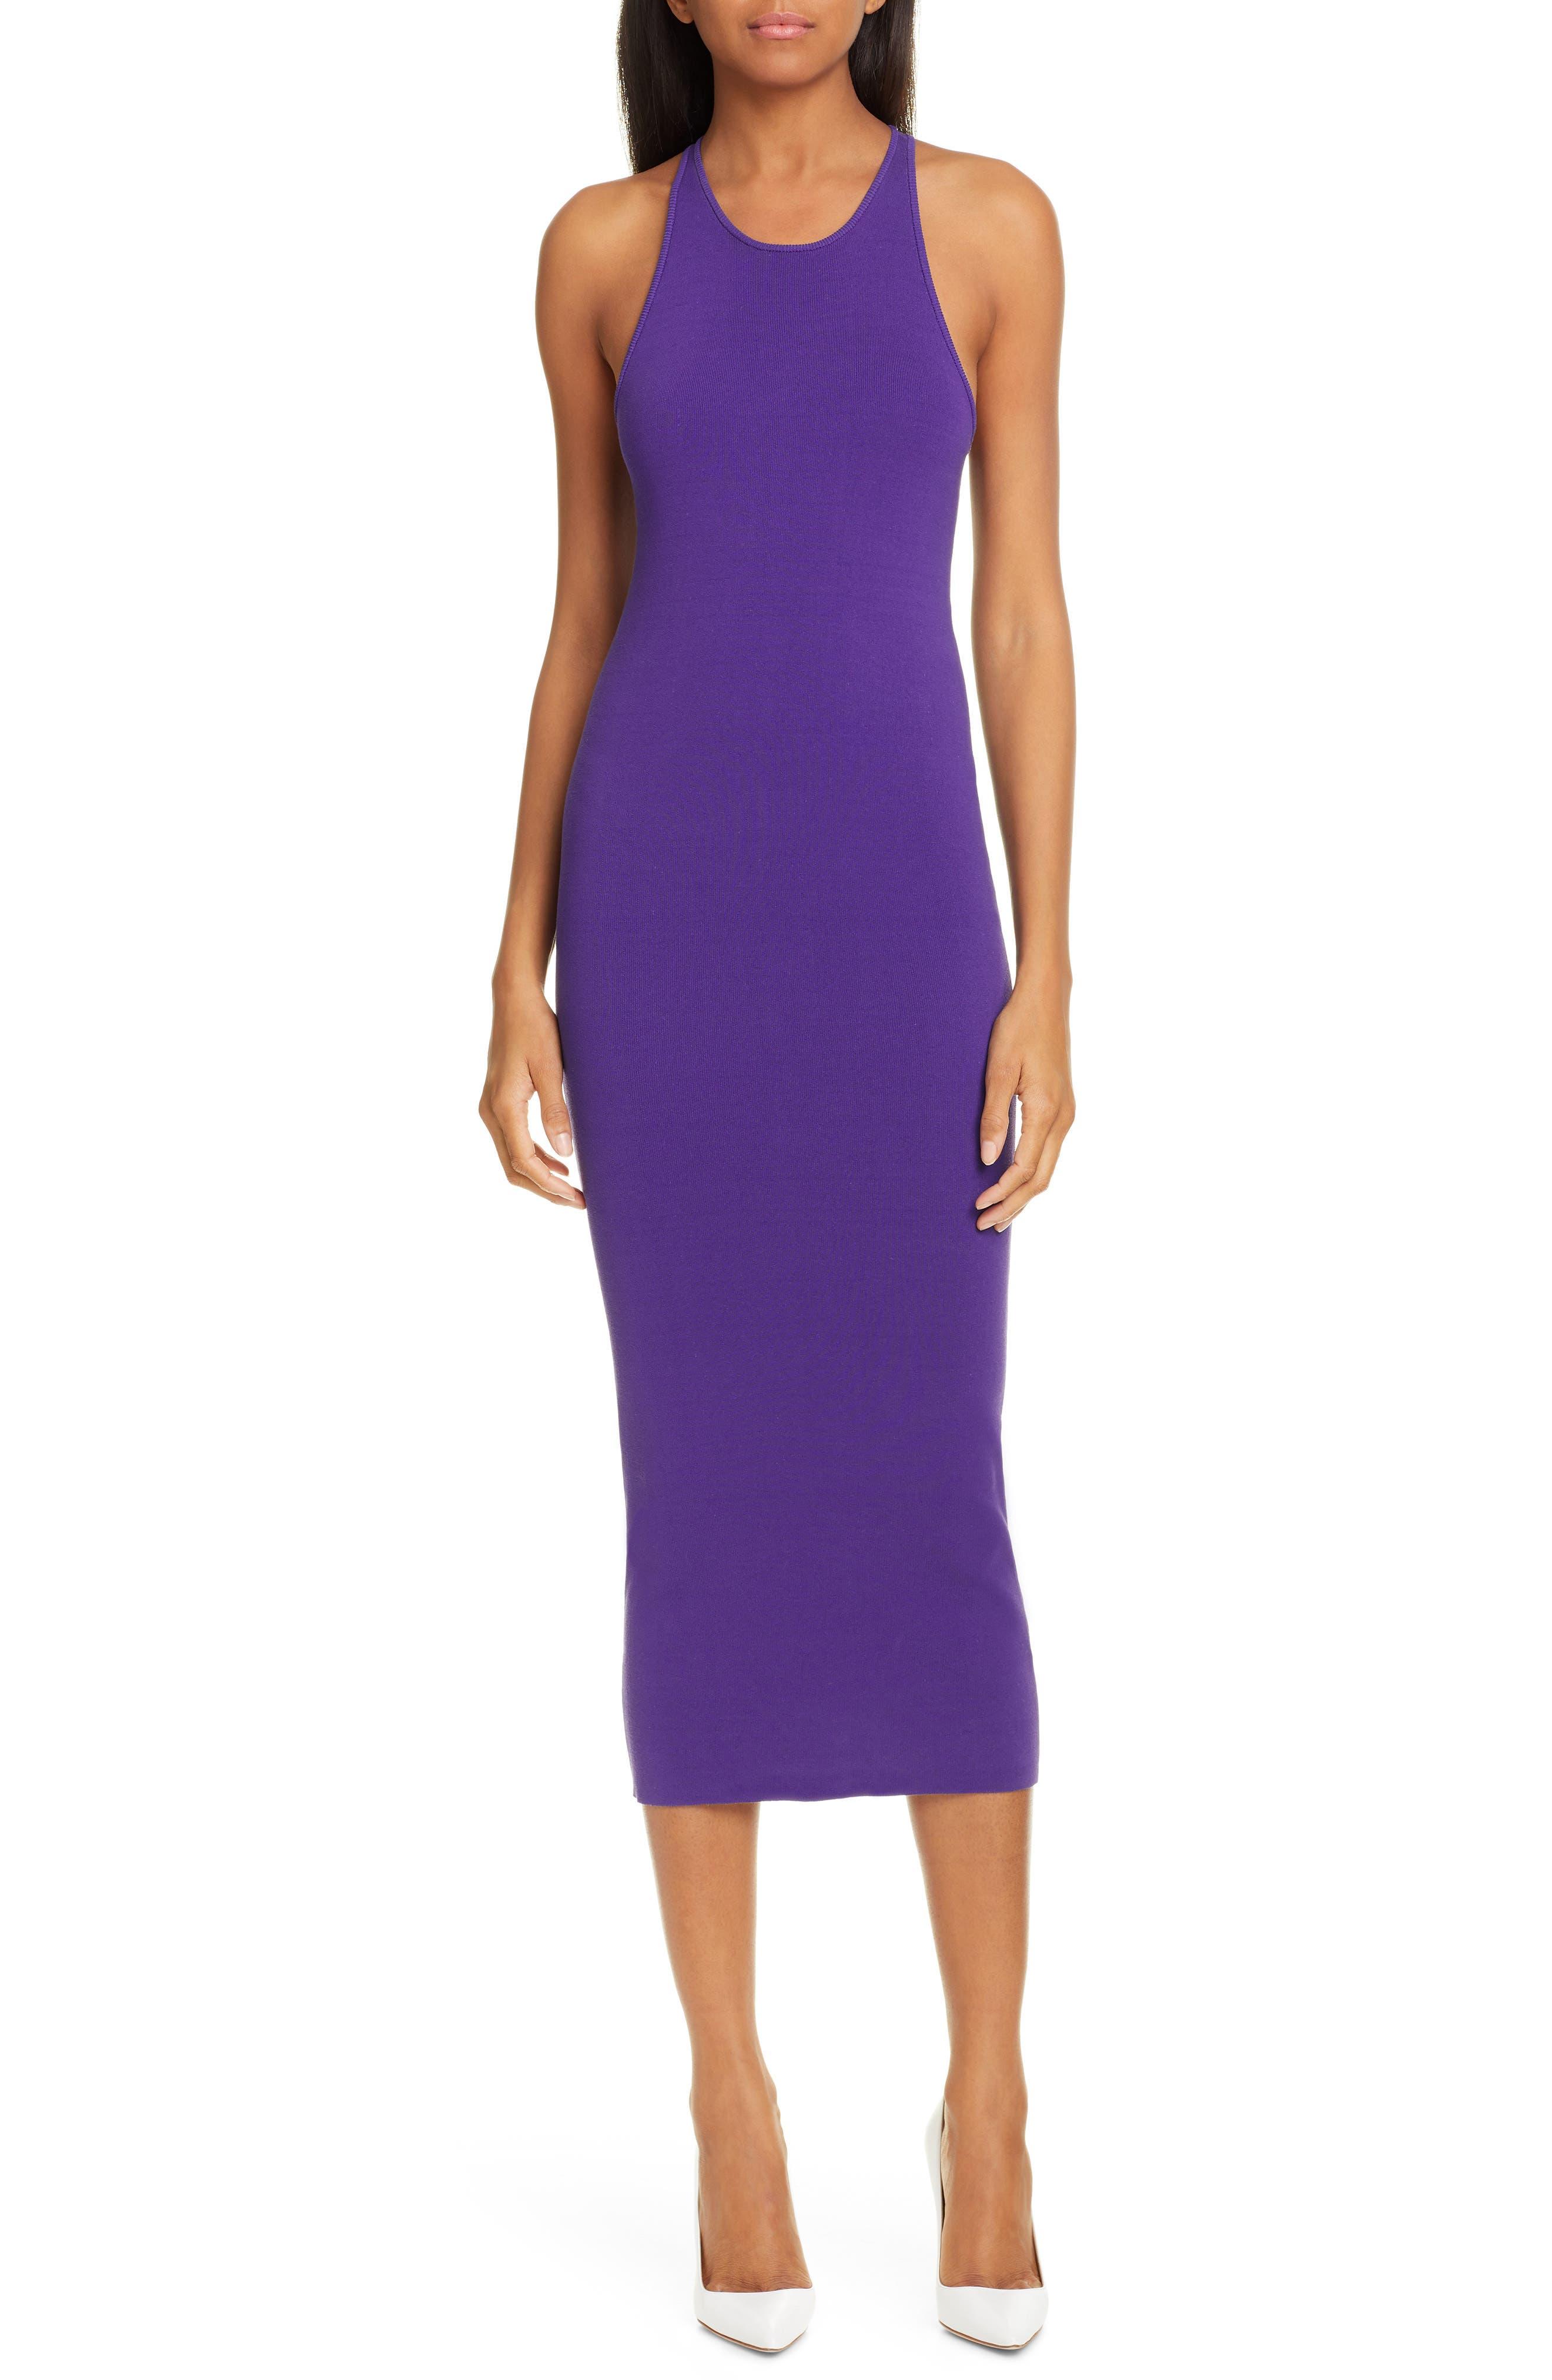 A.l.c. Marc Racerback Midi Dress, Purple